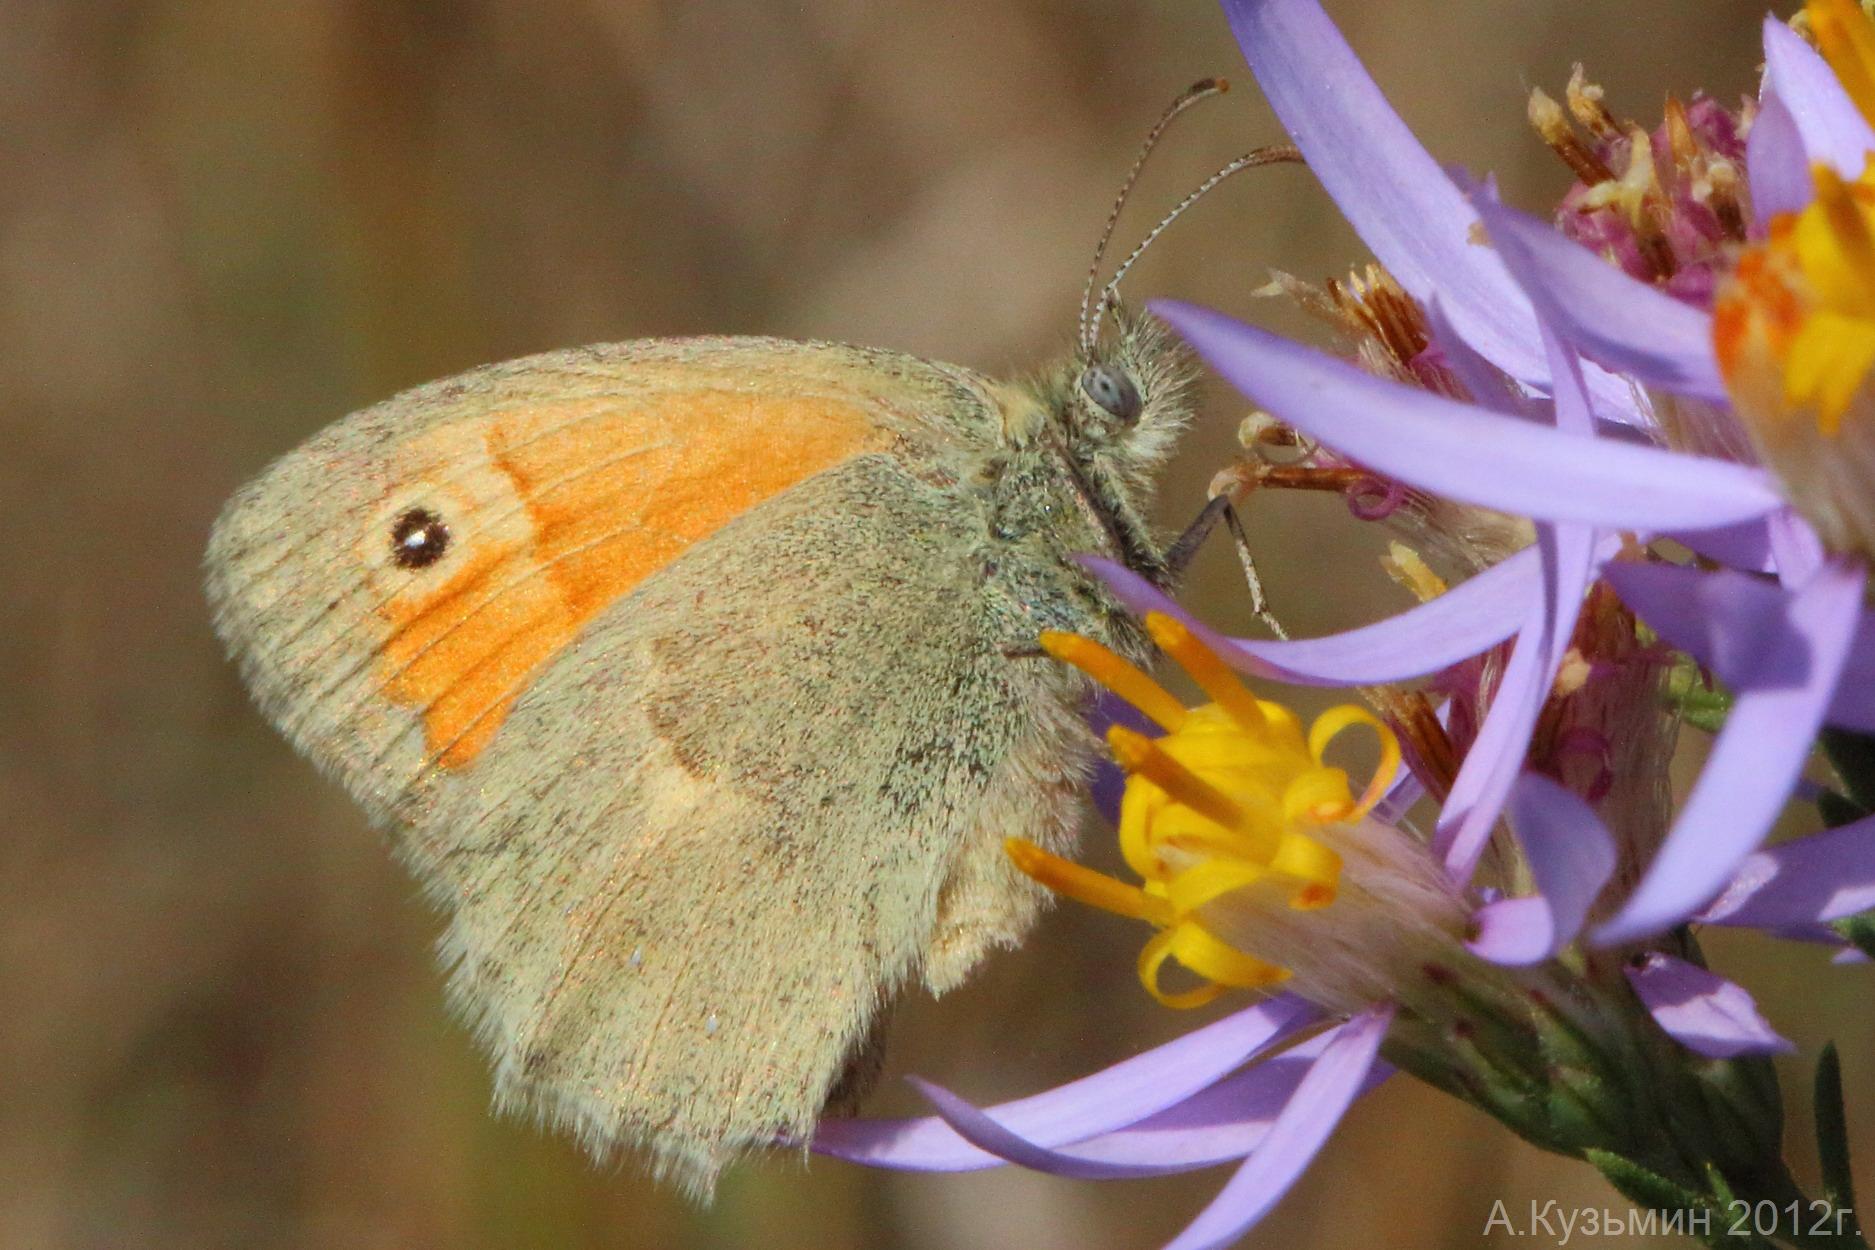 Сенница памфил (Coenonympha pamphilus)